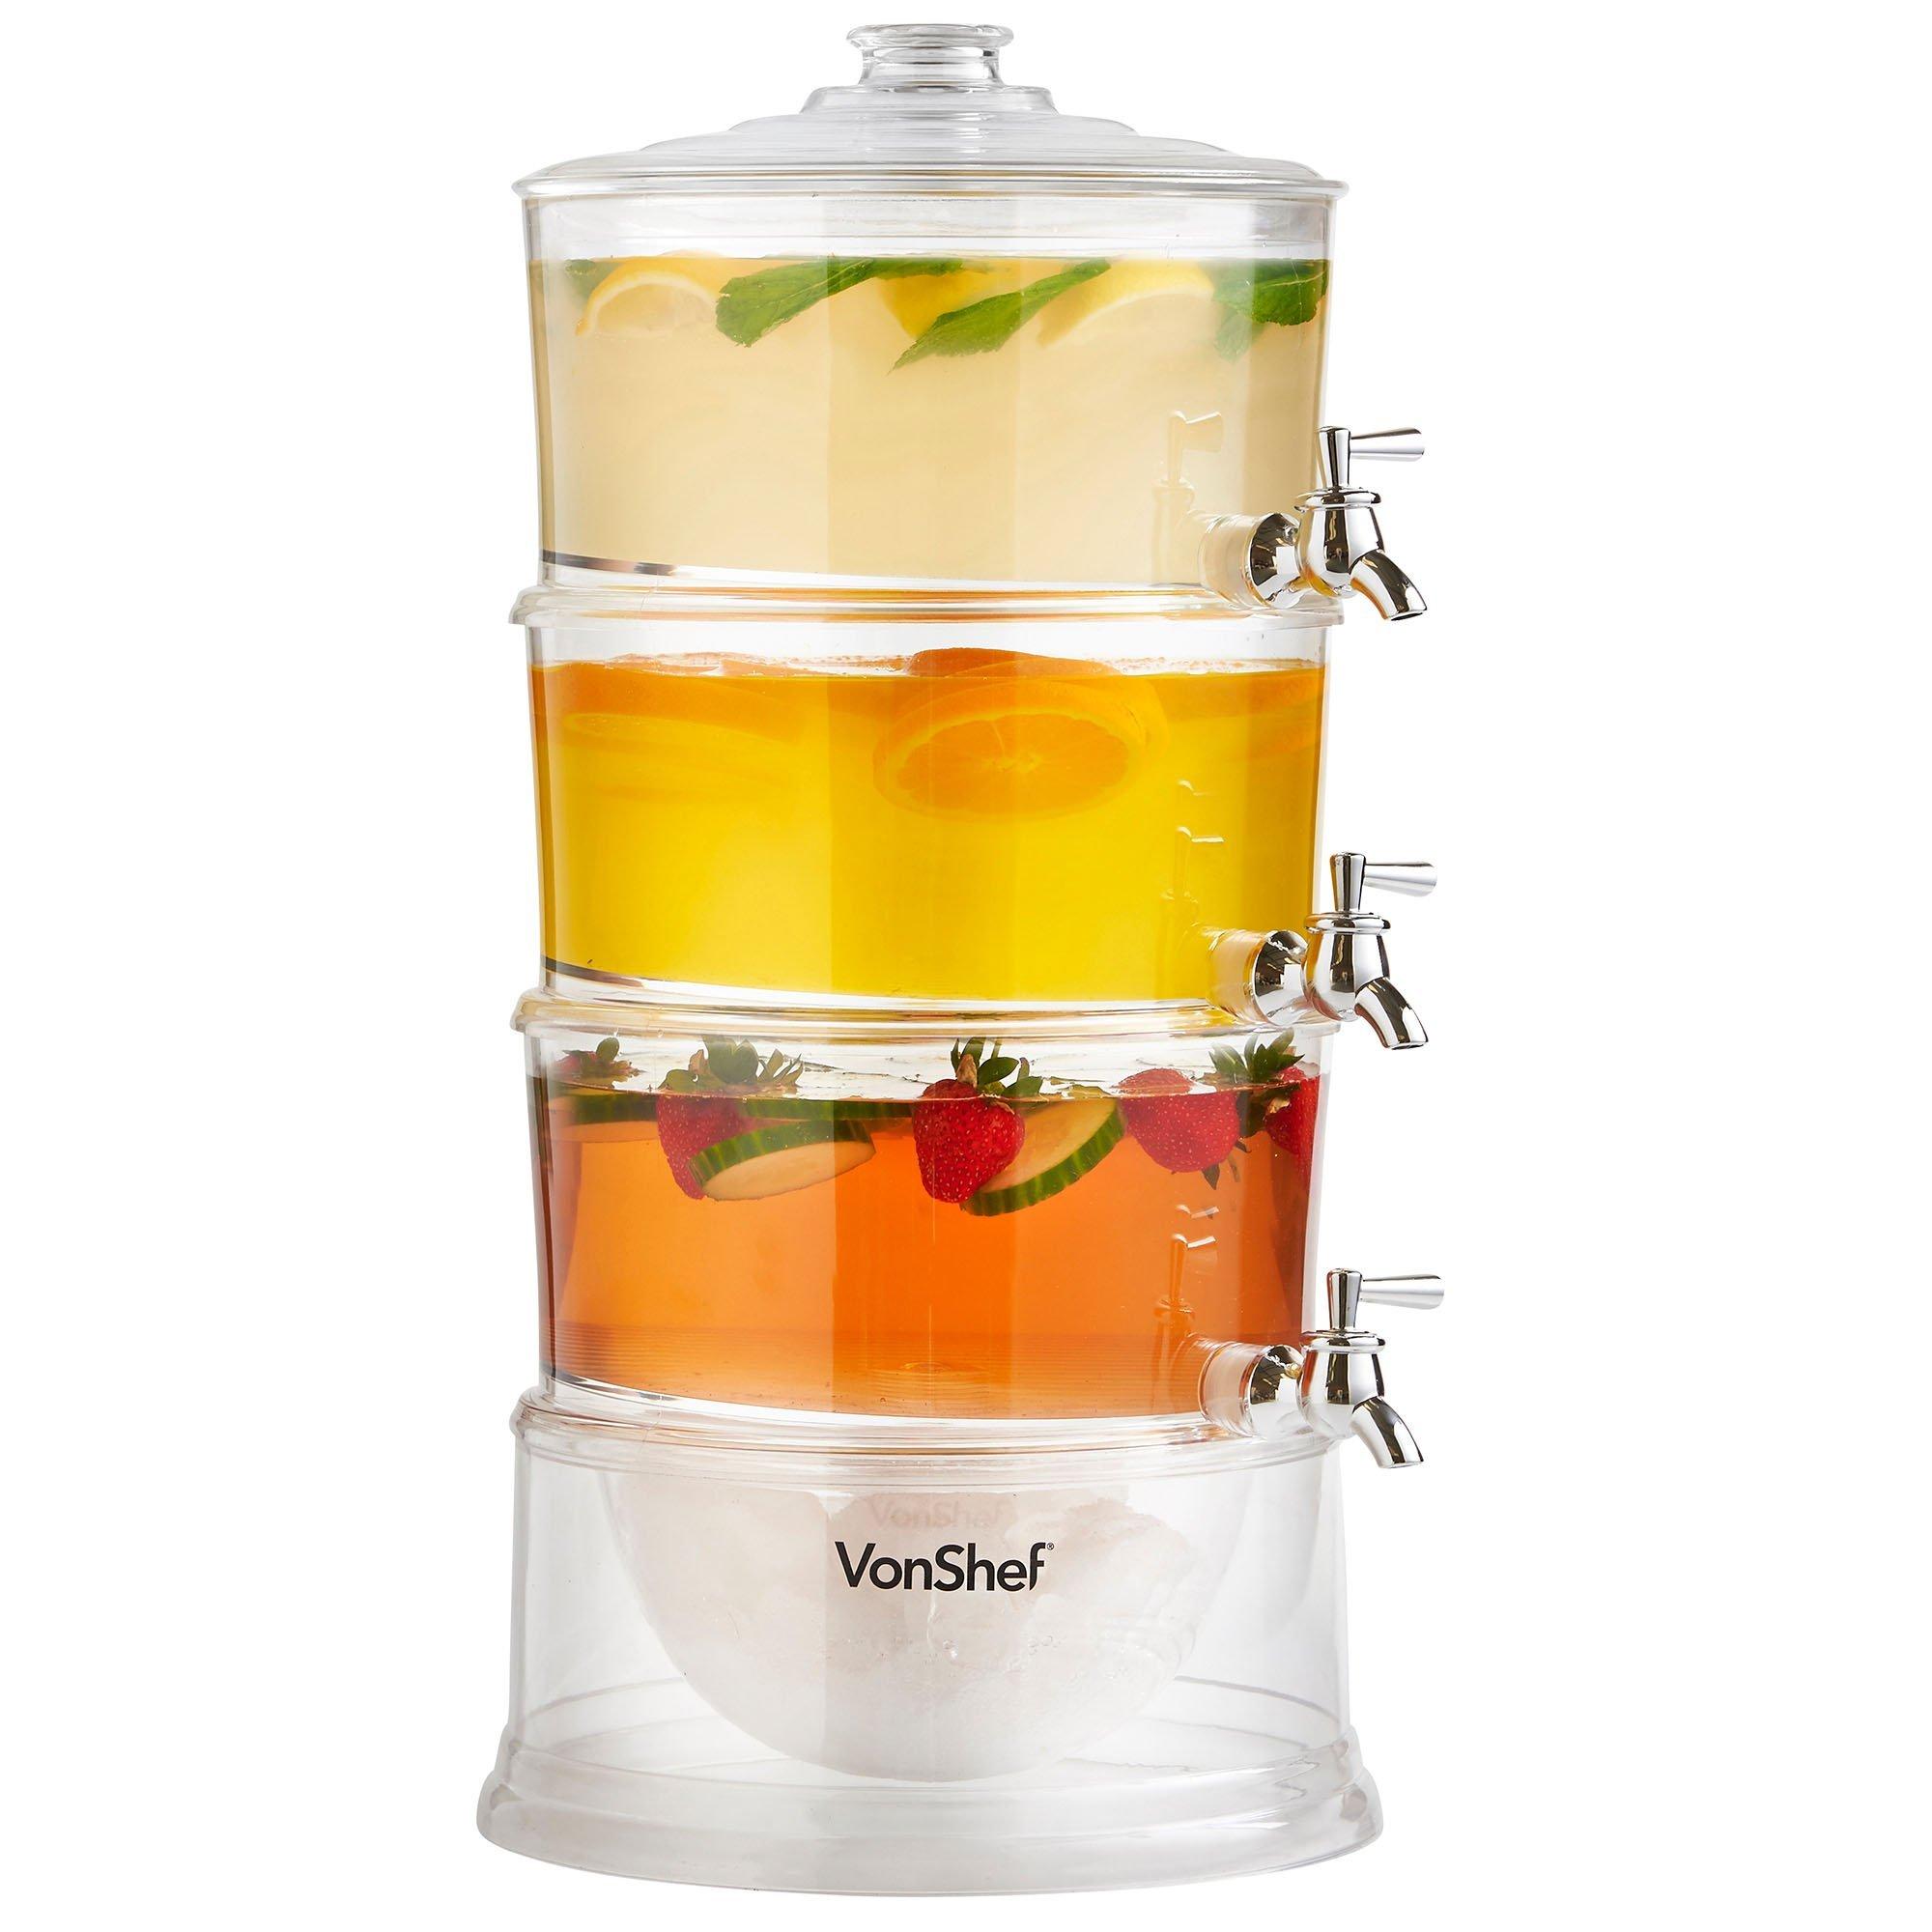 Fantastisch VonShef 3 Etagen Getränkespender Mit 10,5 L Kapazität, Zapfhähnen U0026 Eisfach  Product Image